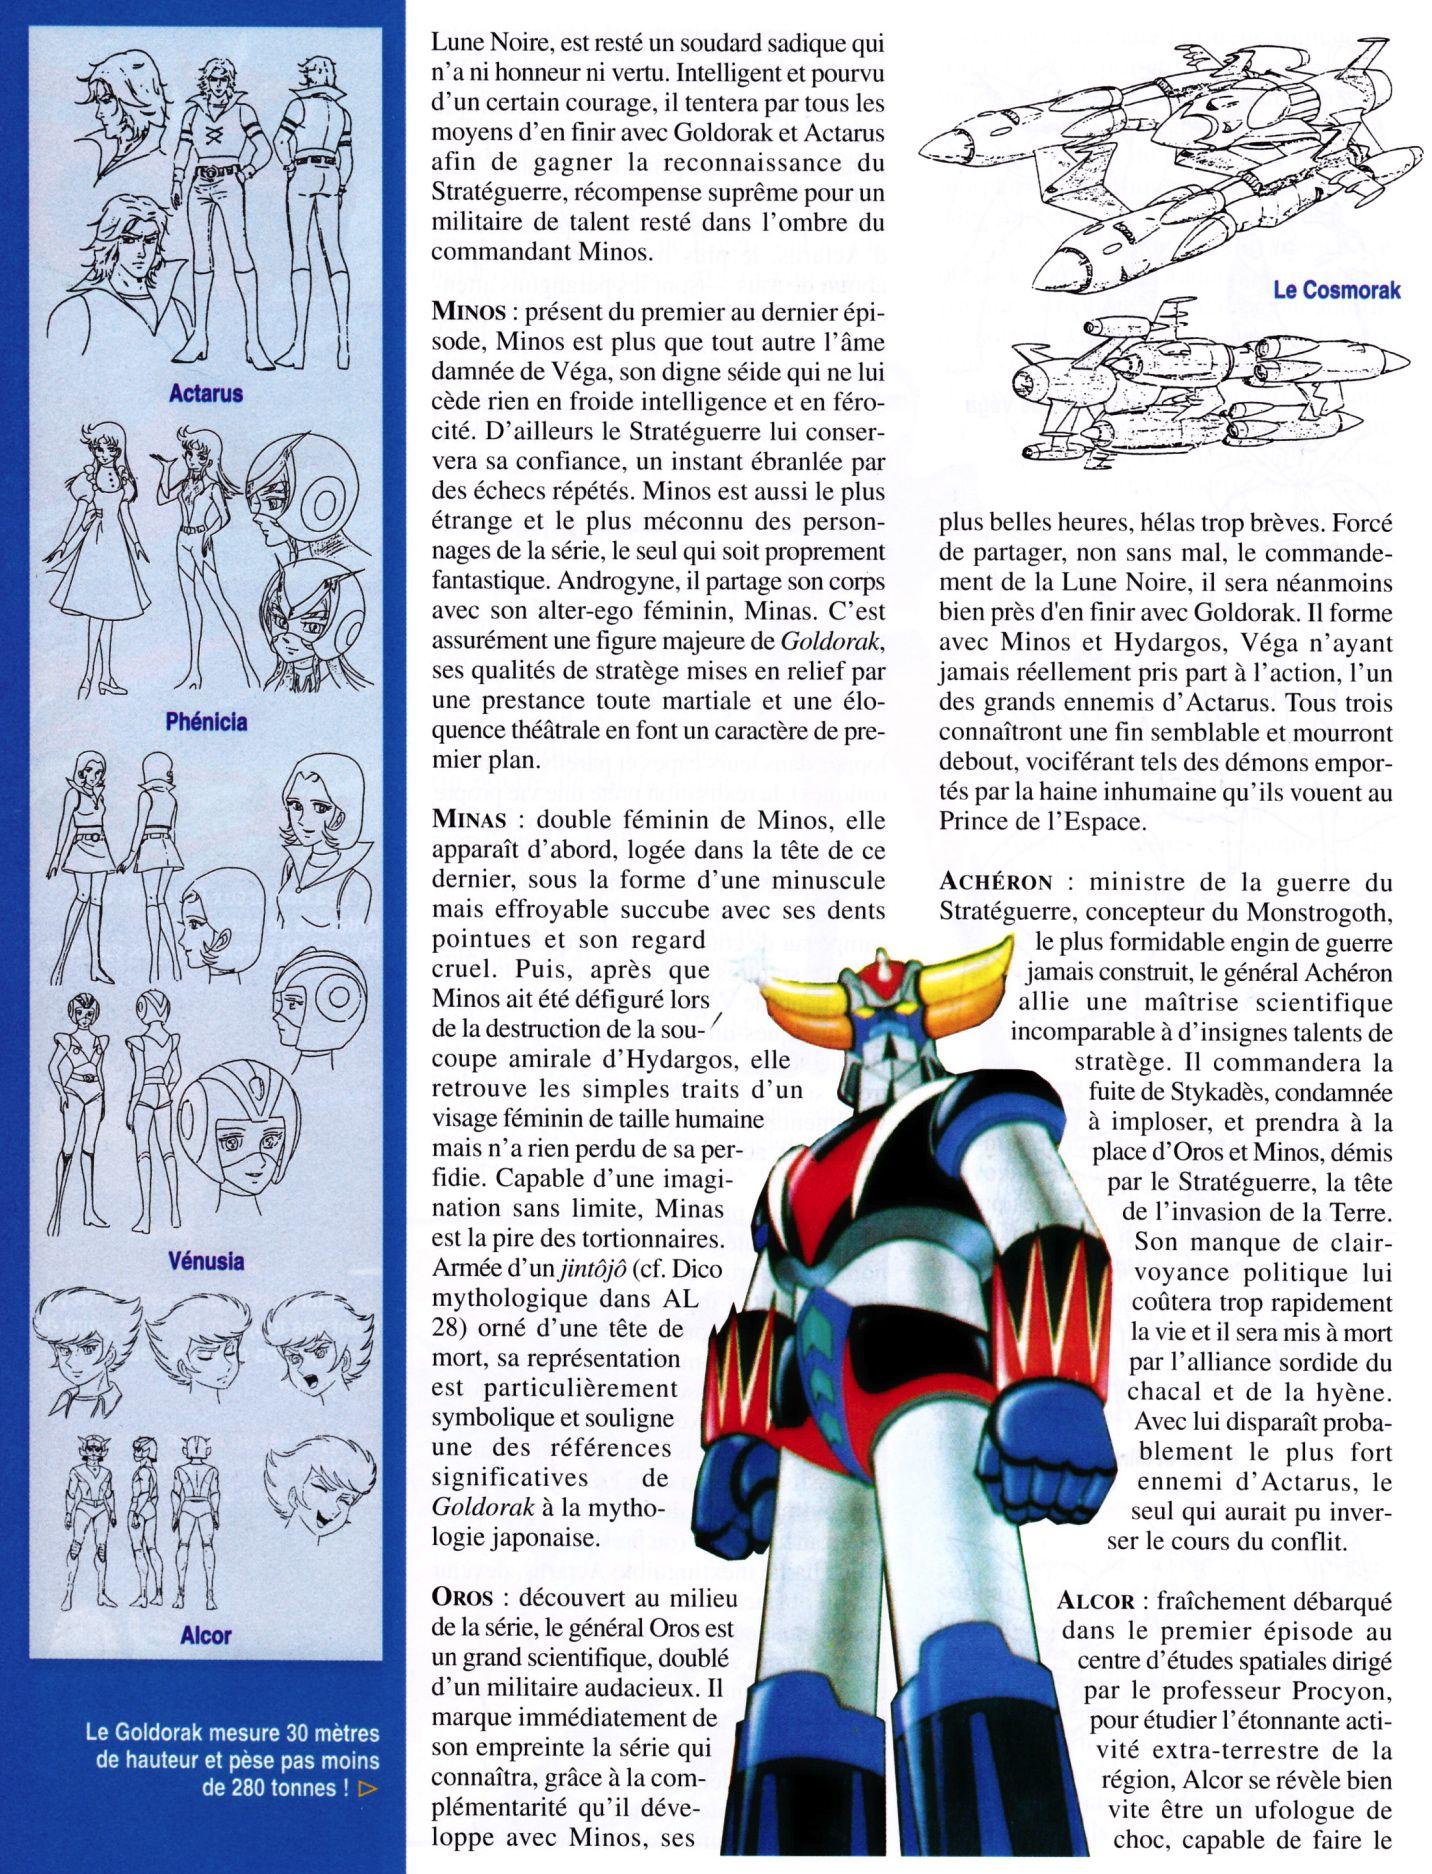 http://grenierdelatv.free.fr/2/goldorakalhs1997i.jpg